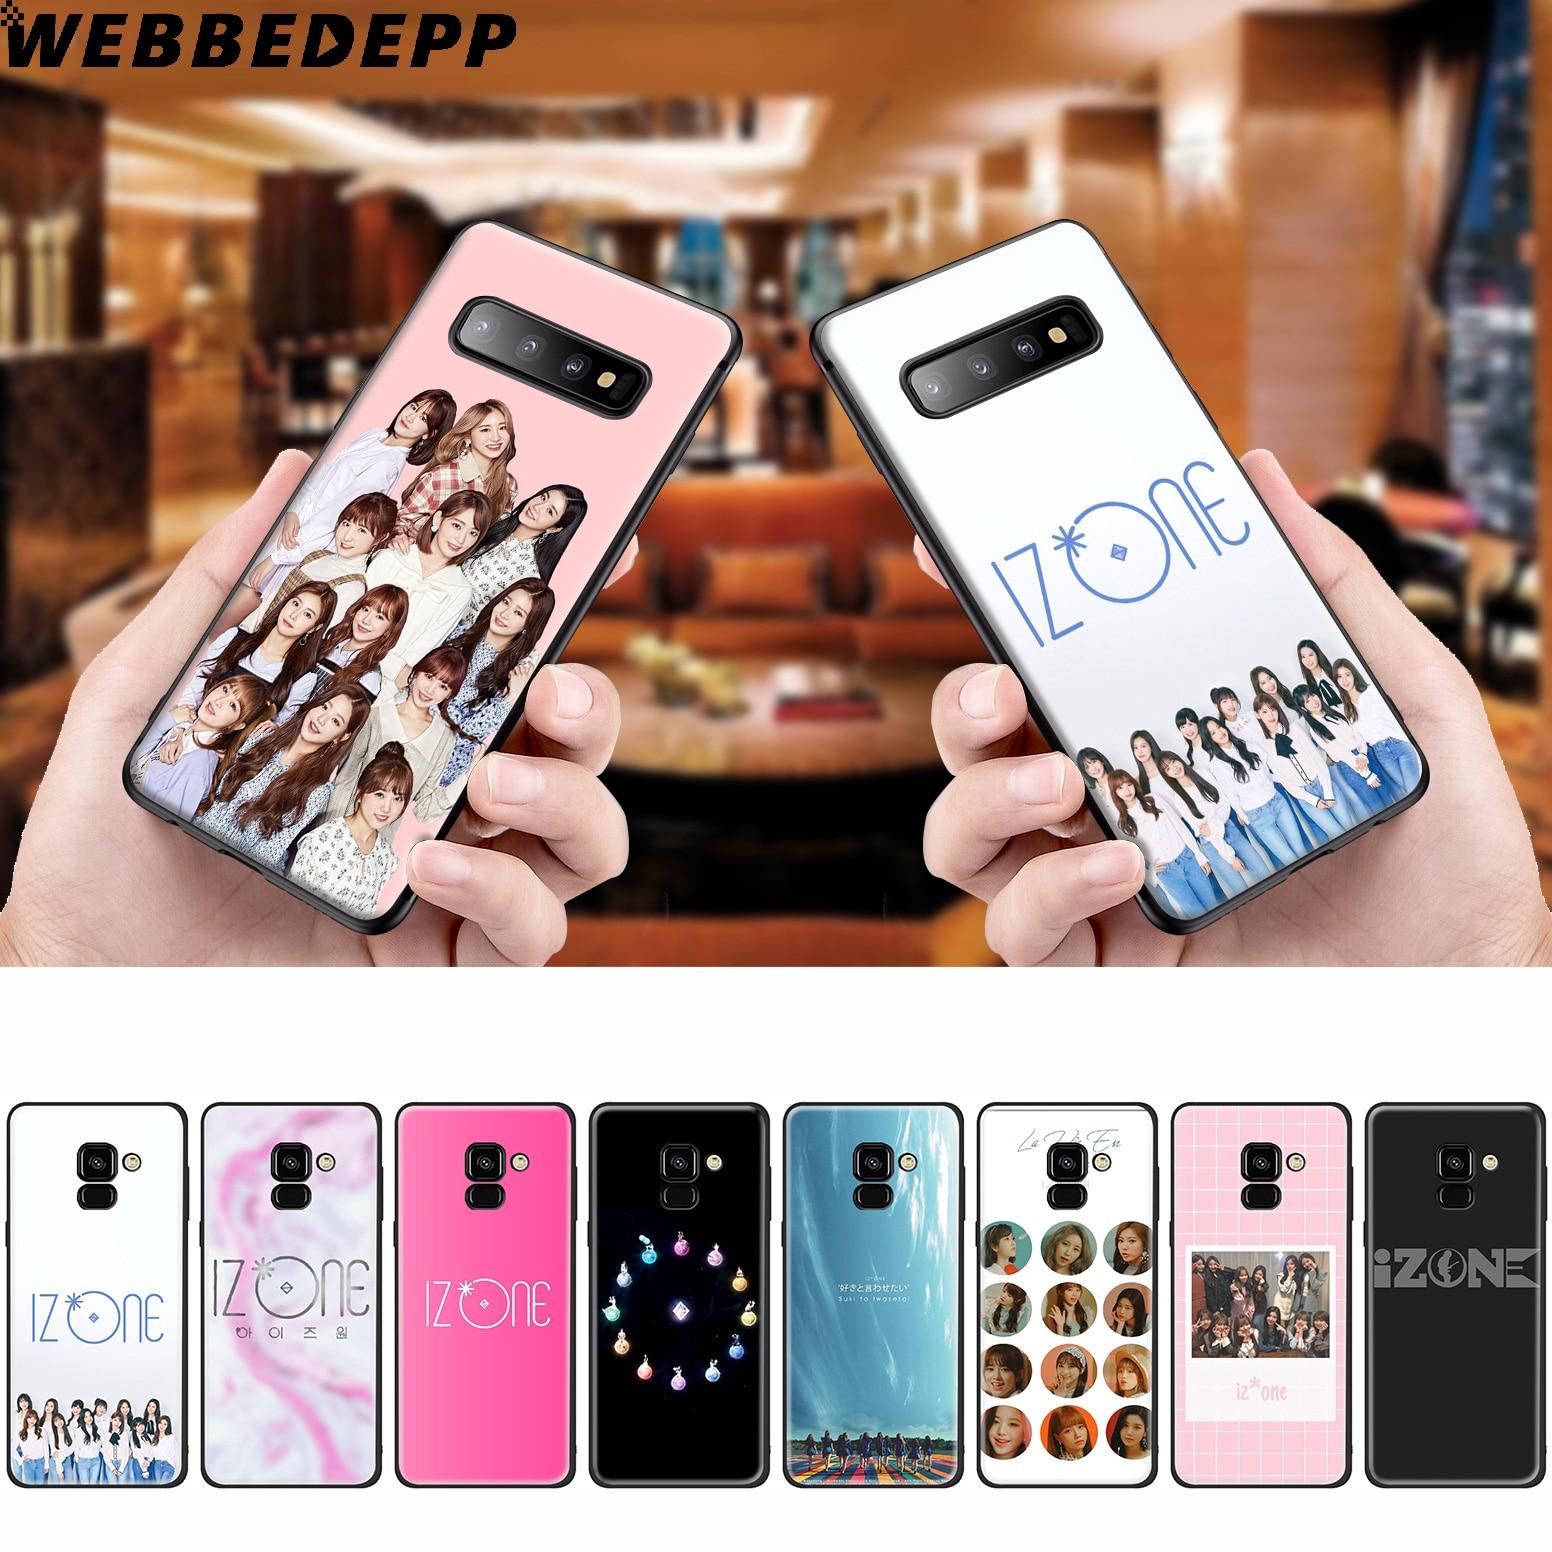 WEBBEDEPP IZONE K Pop banda de silicona caso para Samsung Galaxy A3 A5 A6 A7 A8 A9 A10 A20 A30 A40 A50 A70 M10 M20 M30